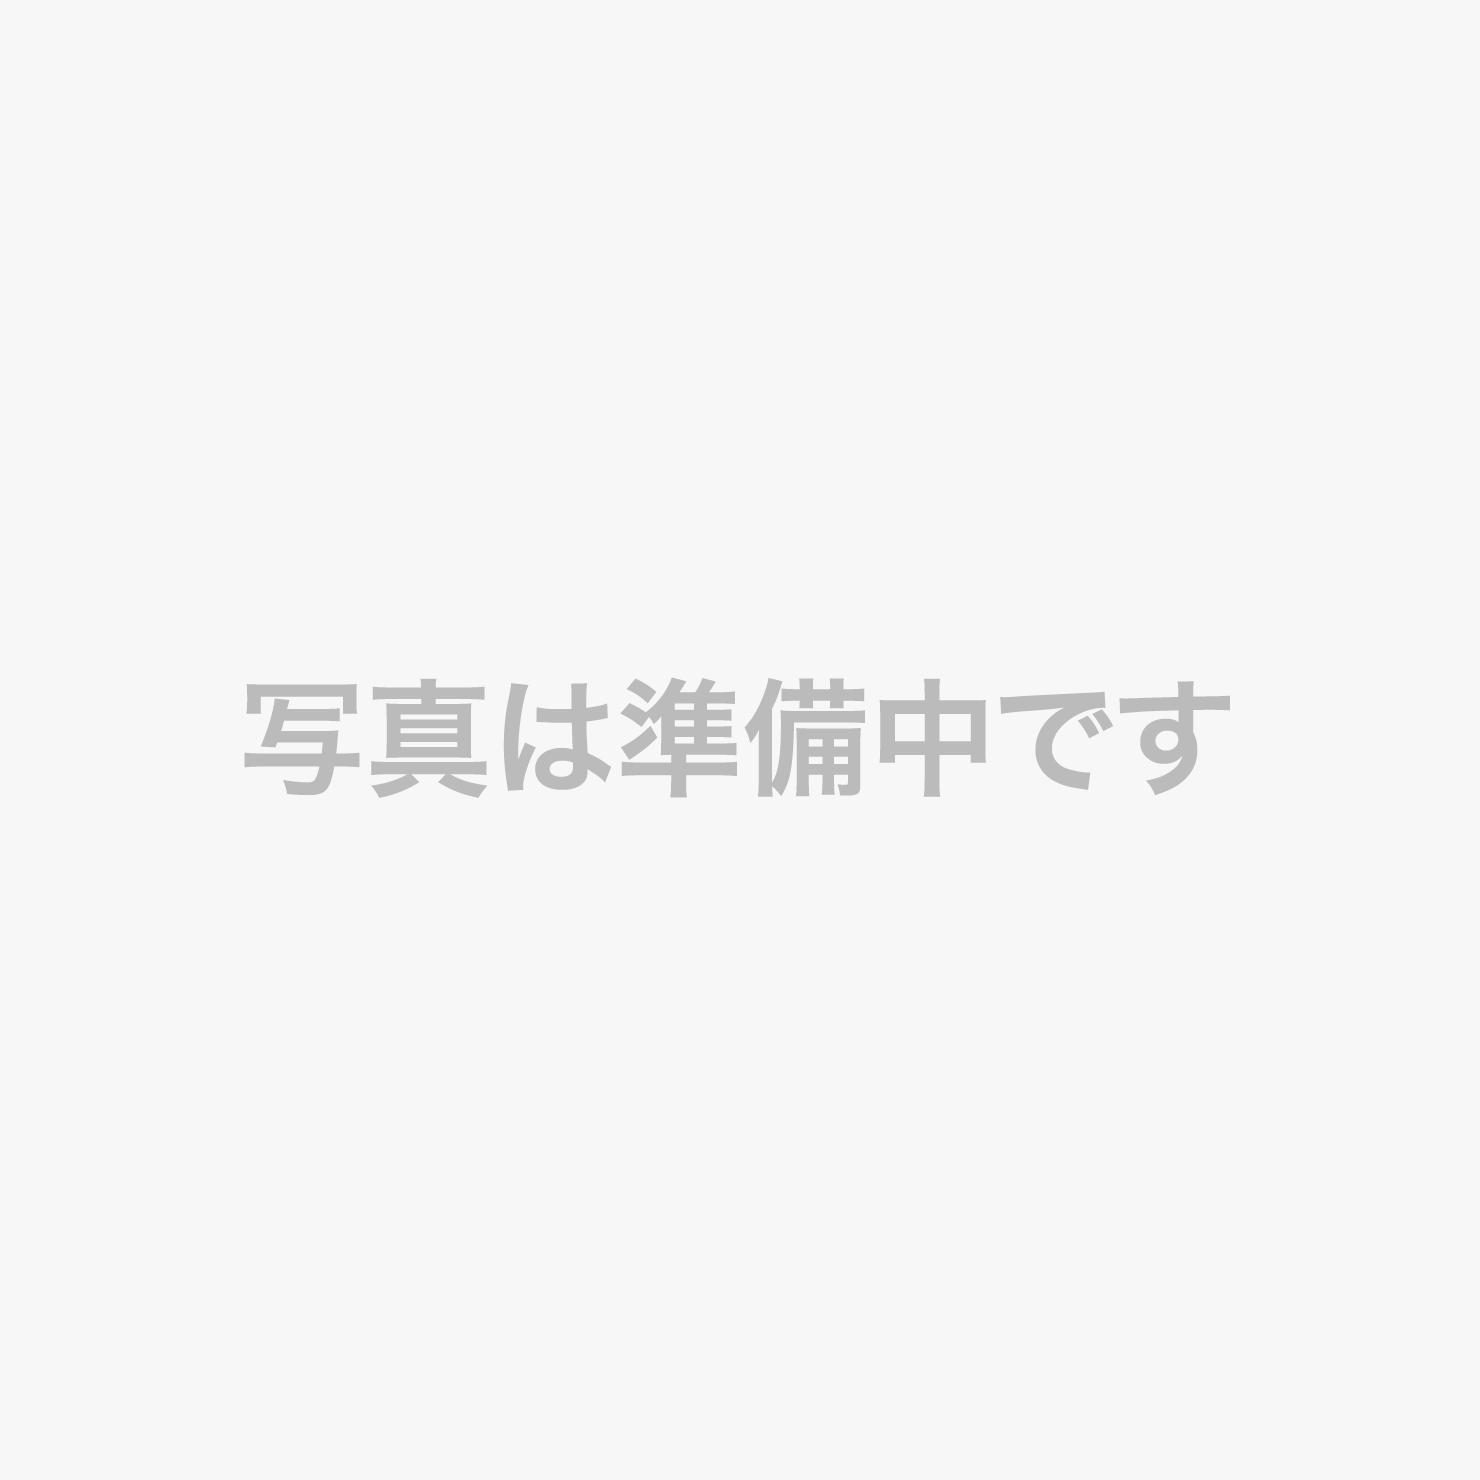 ■シングル/ダブル